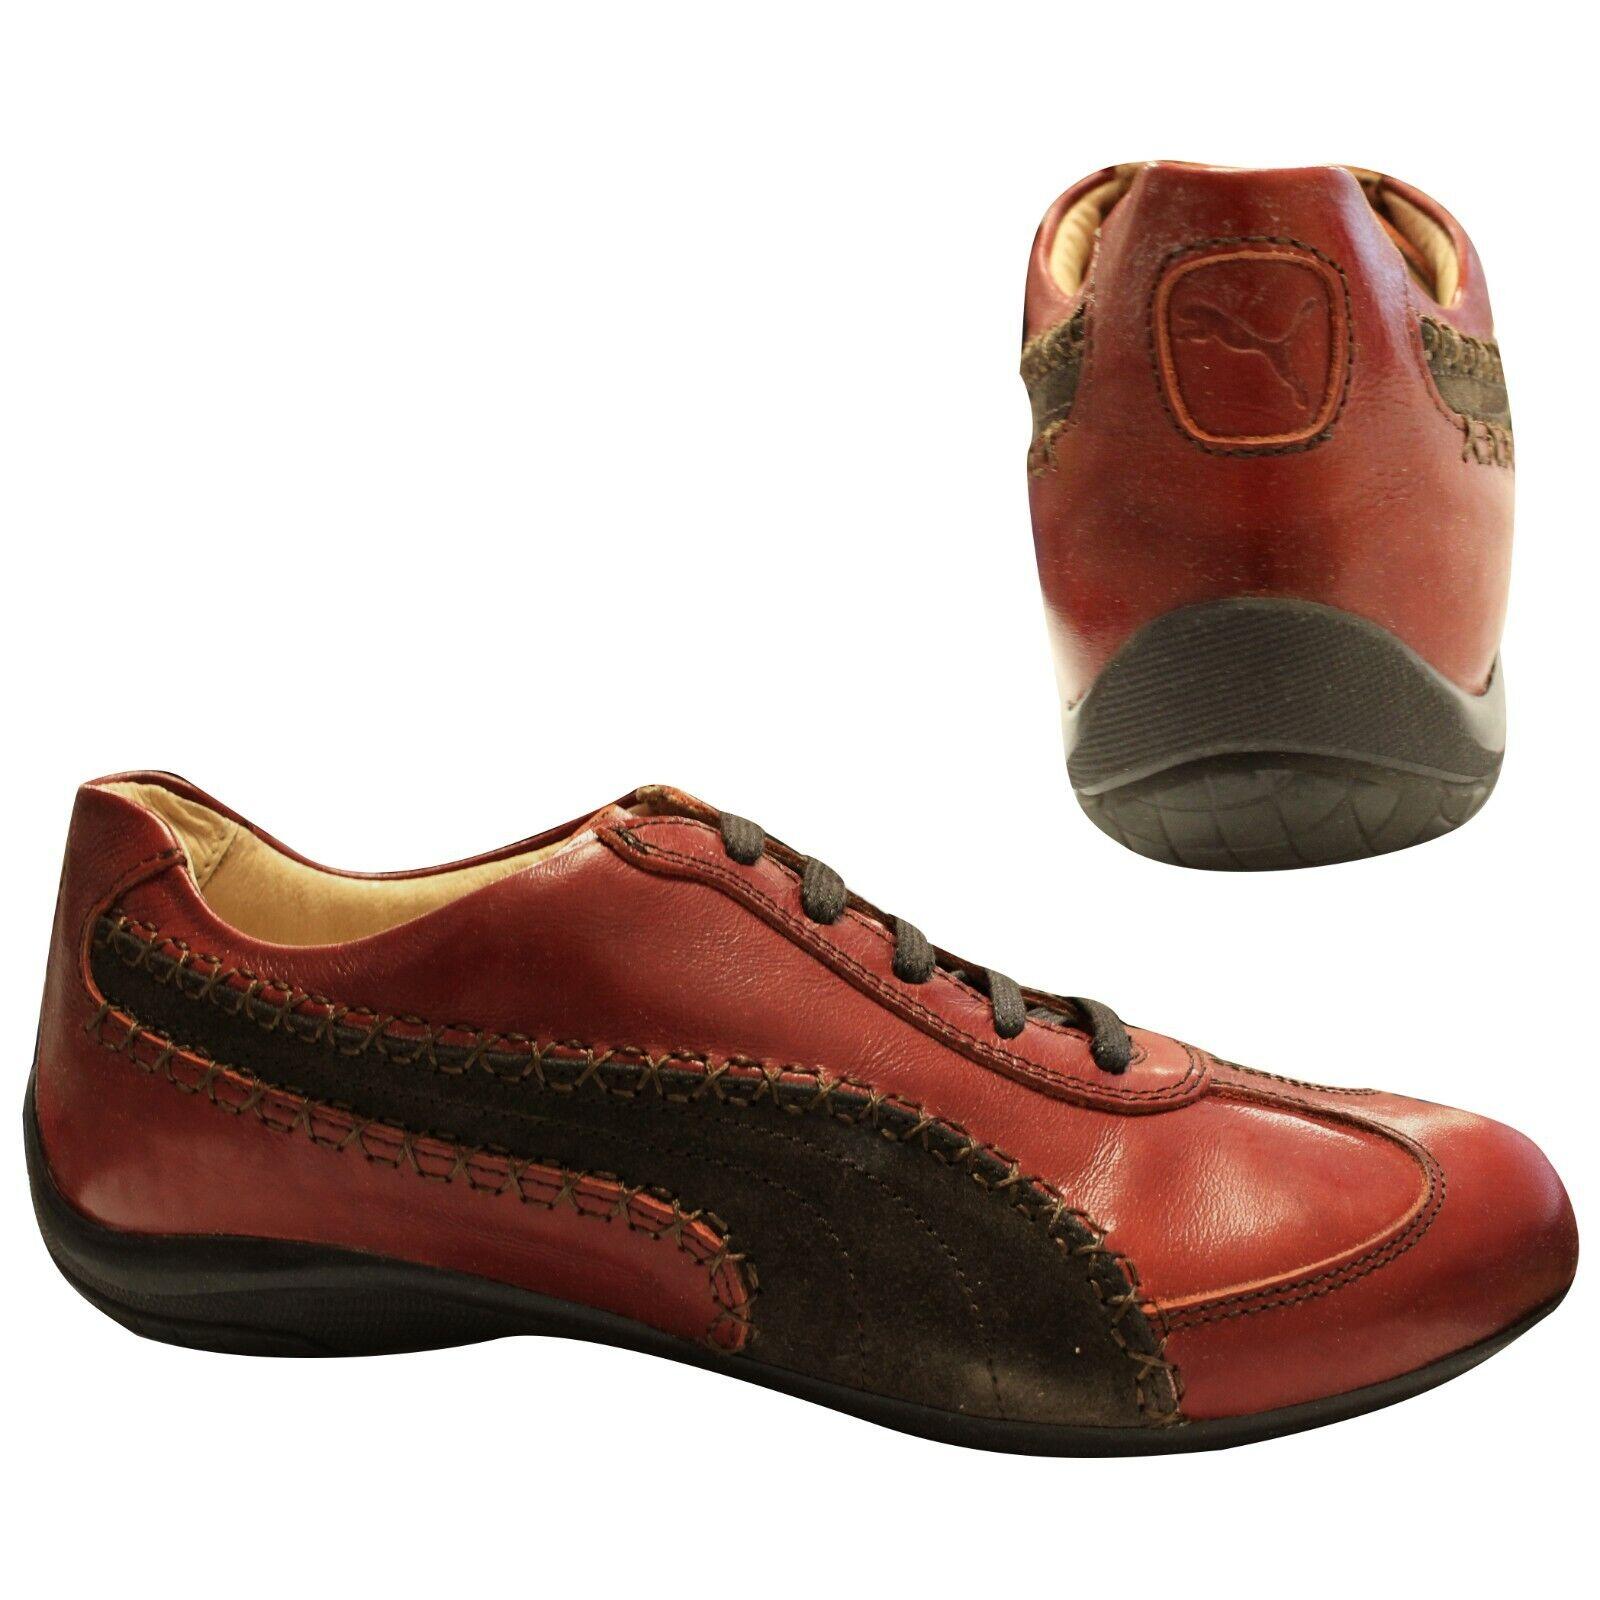 Détails sur Puma Speed Cat Re luxe à lacets pour femme Baskets Rouge Chaussures Marron 346961 02 B12C afficher le titre d'origine